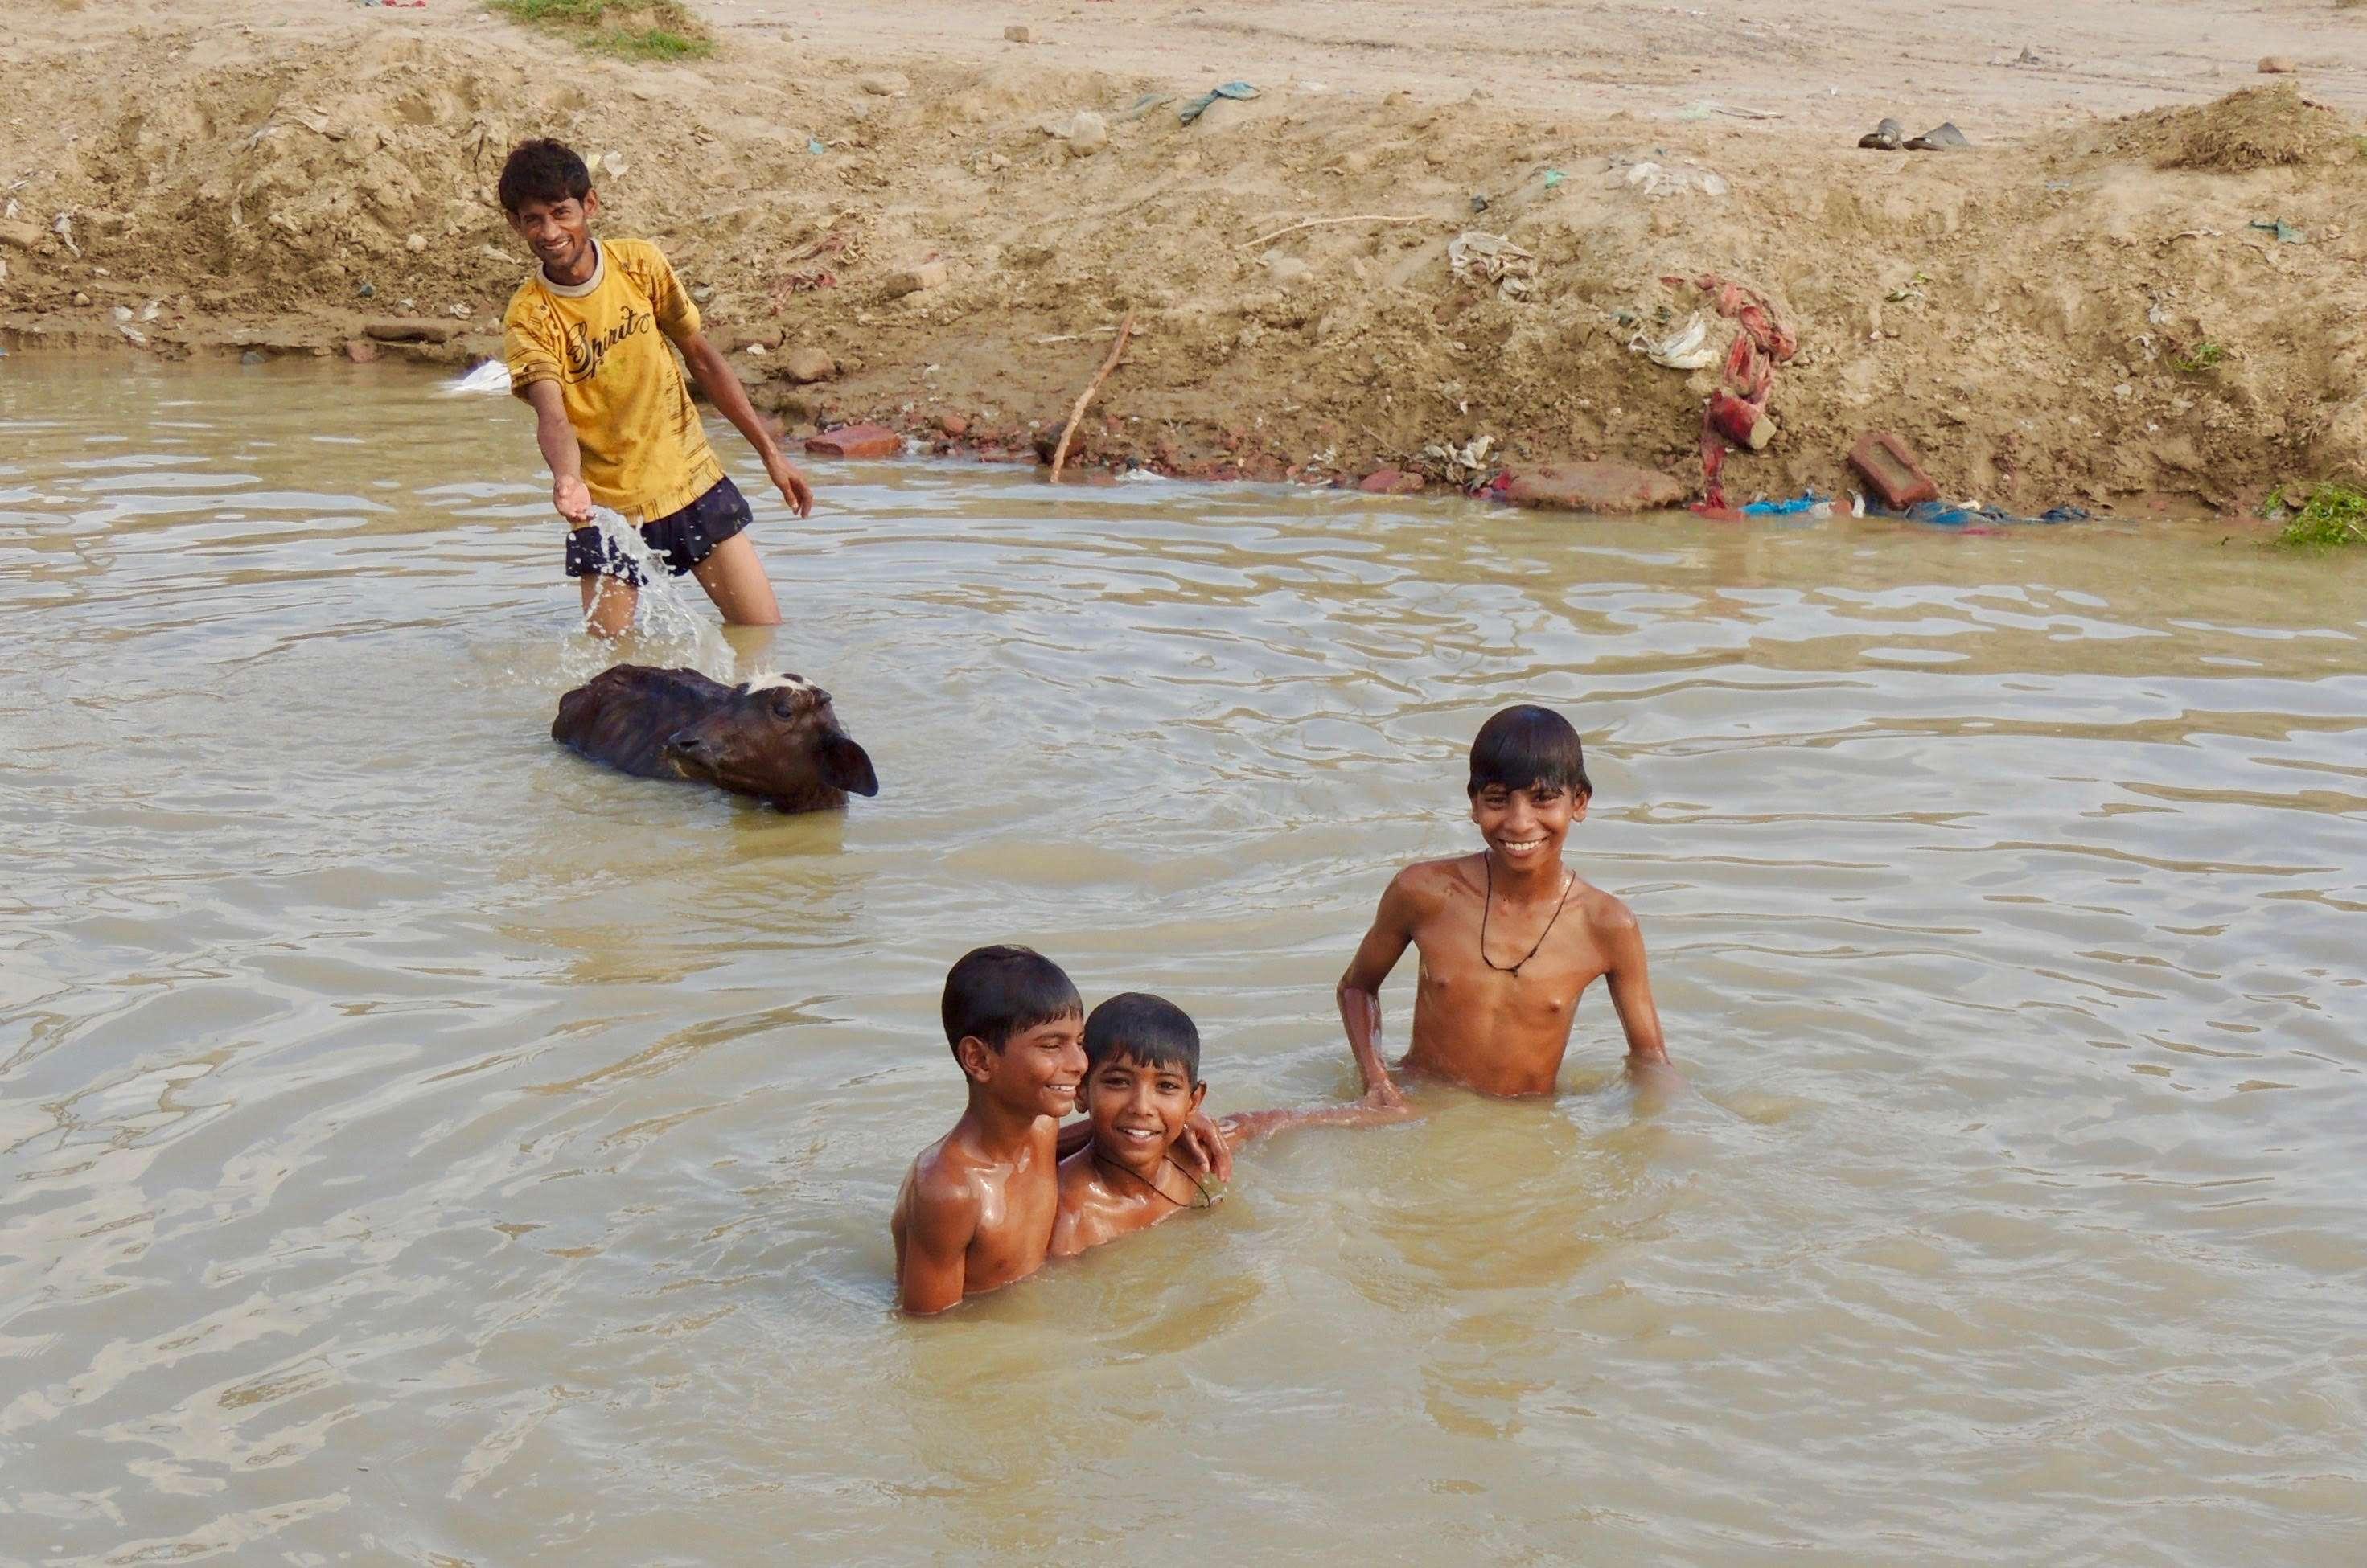 India Image 2